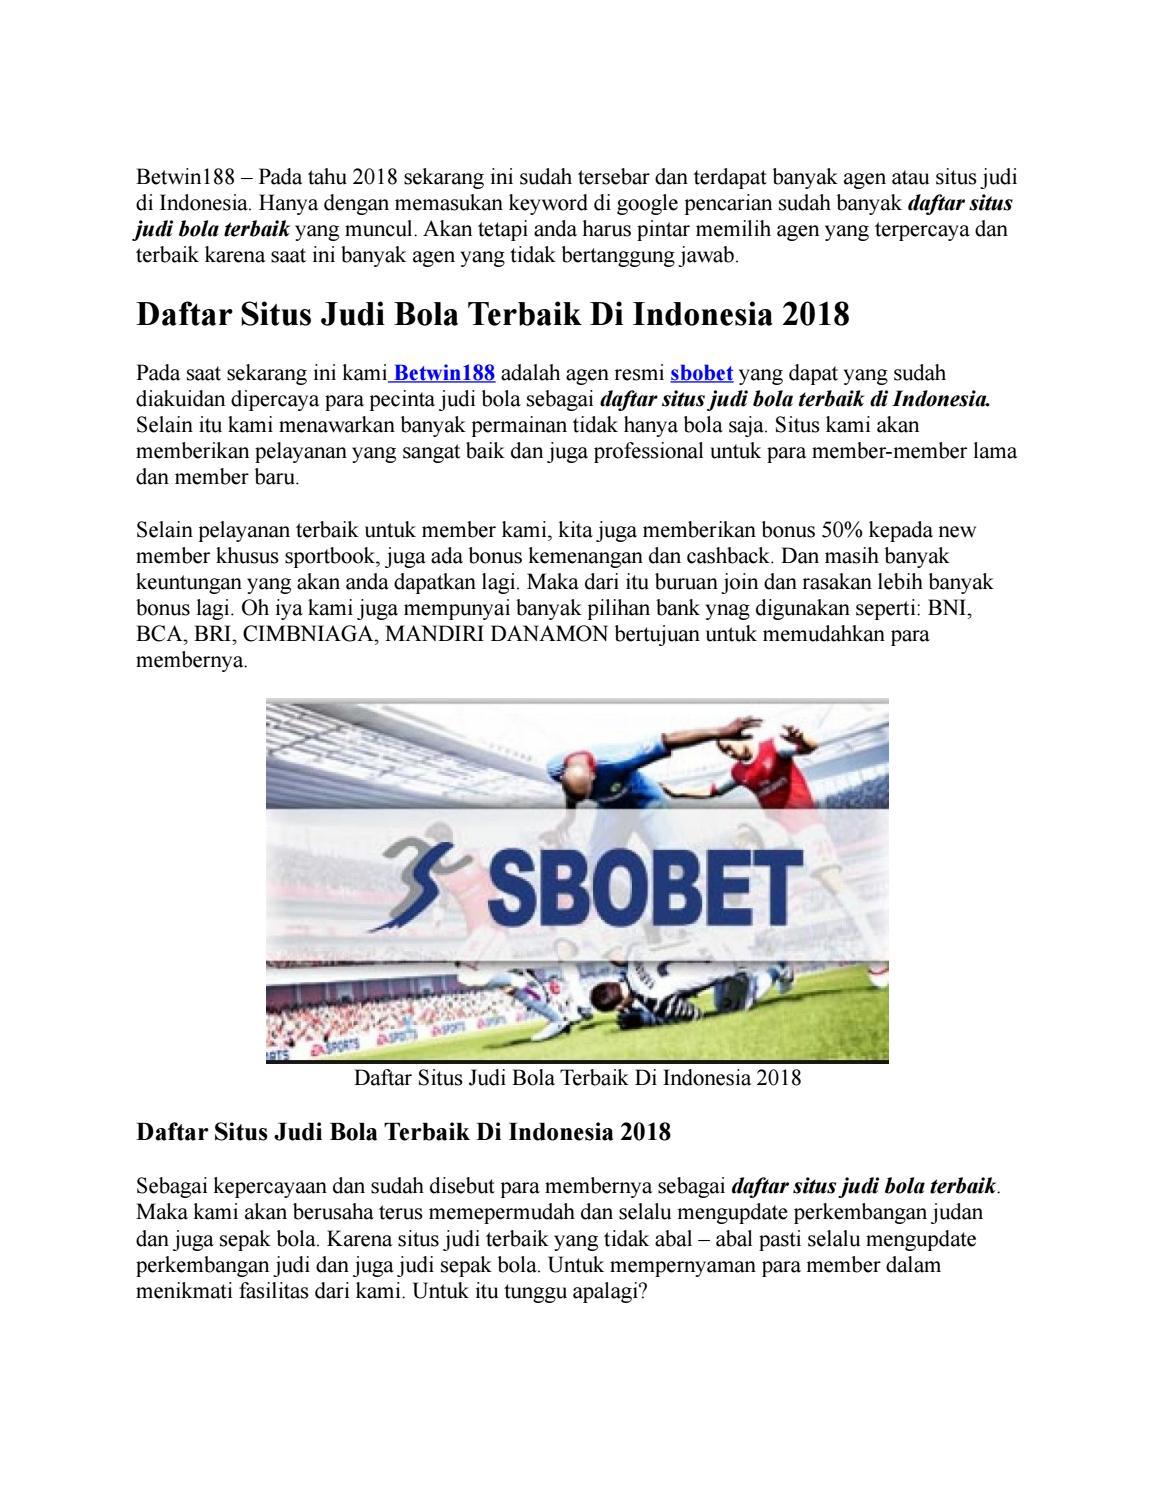 Daftar Situs Judi Bola Terbaik Di Indonesia 2018 By Clara Ratu Amori Issuu